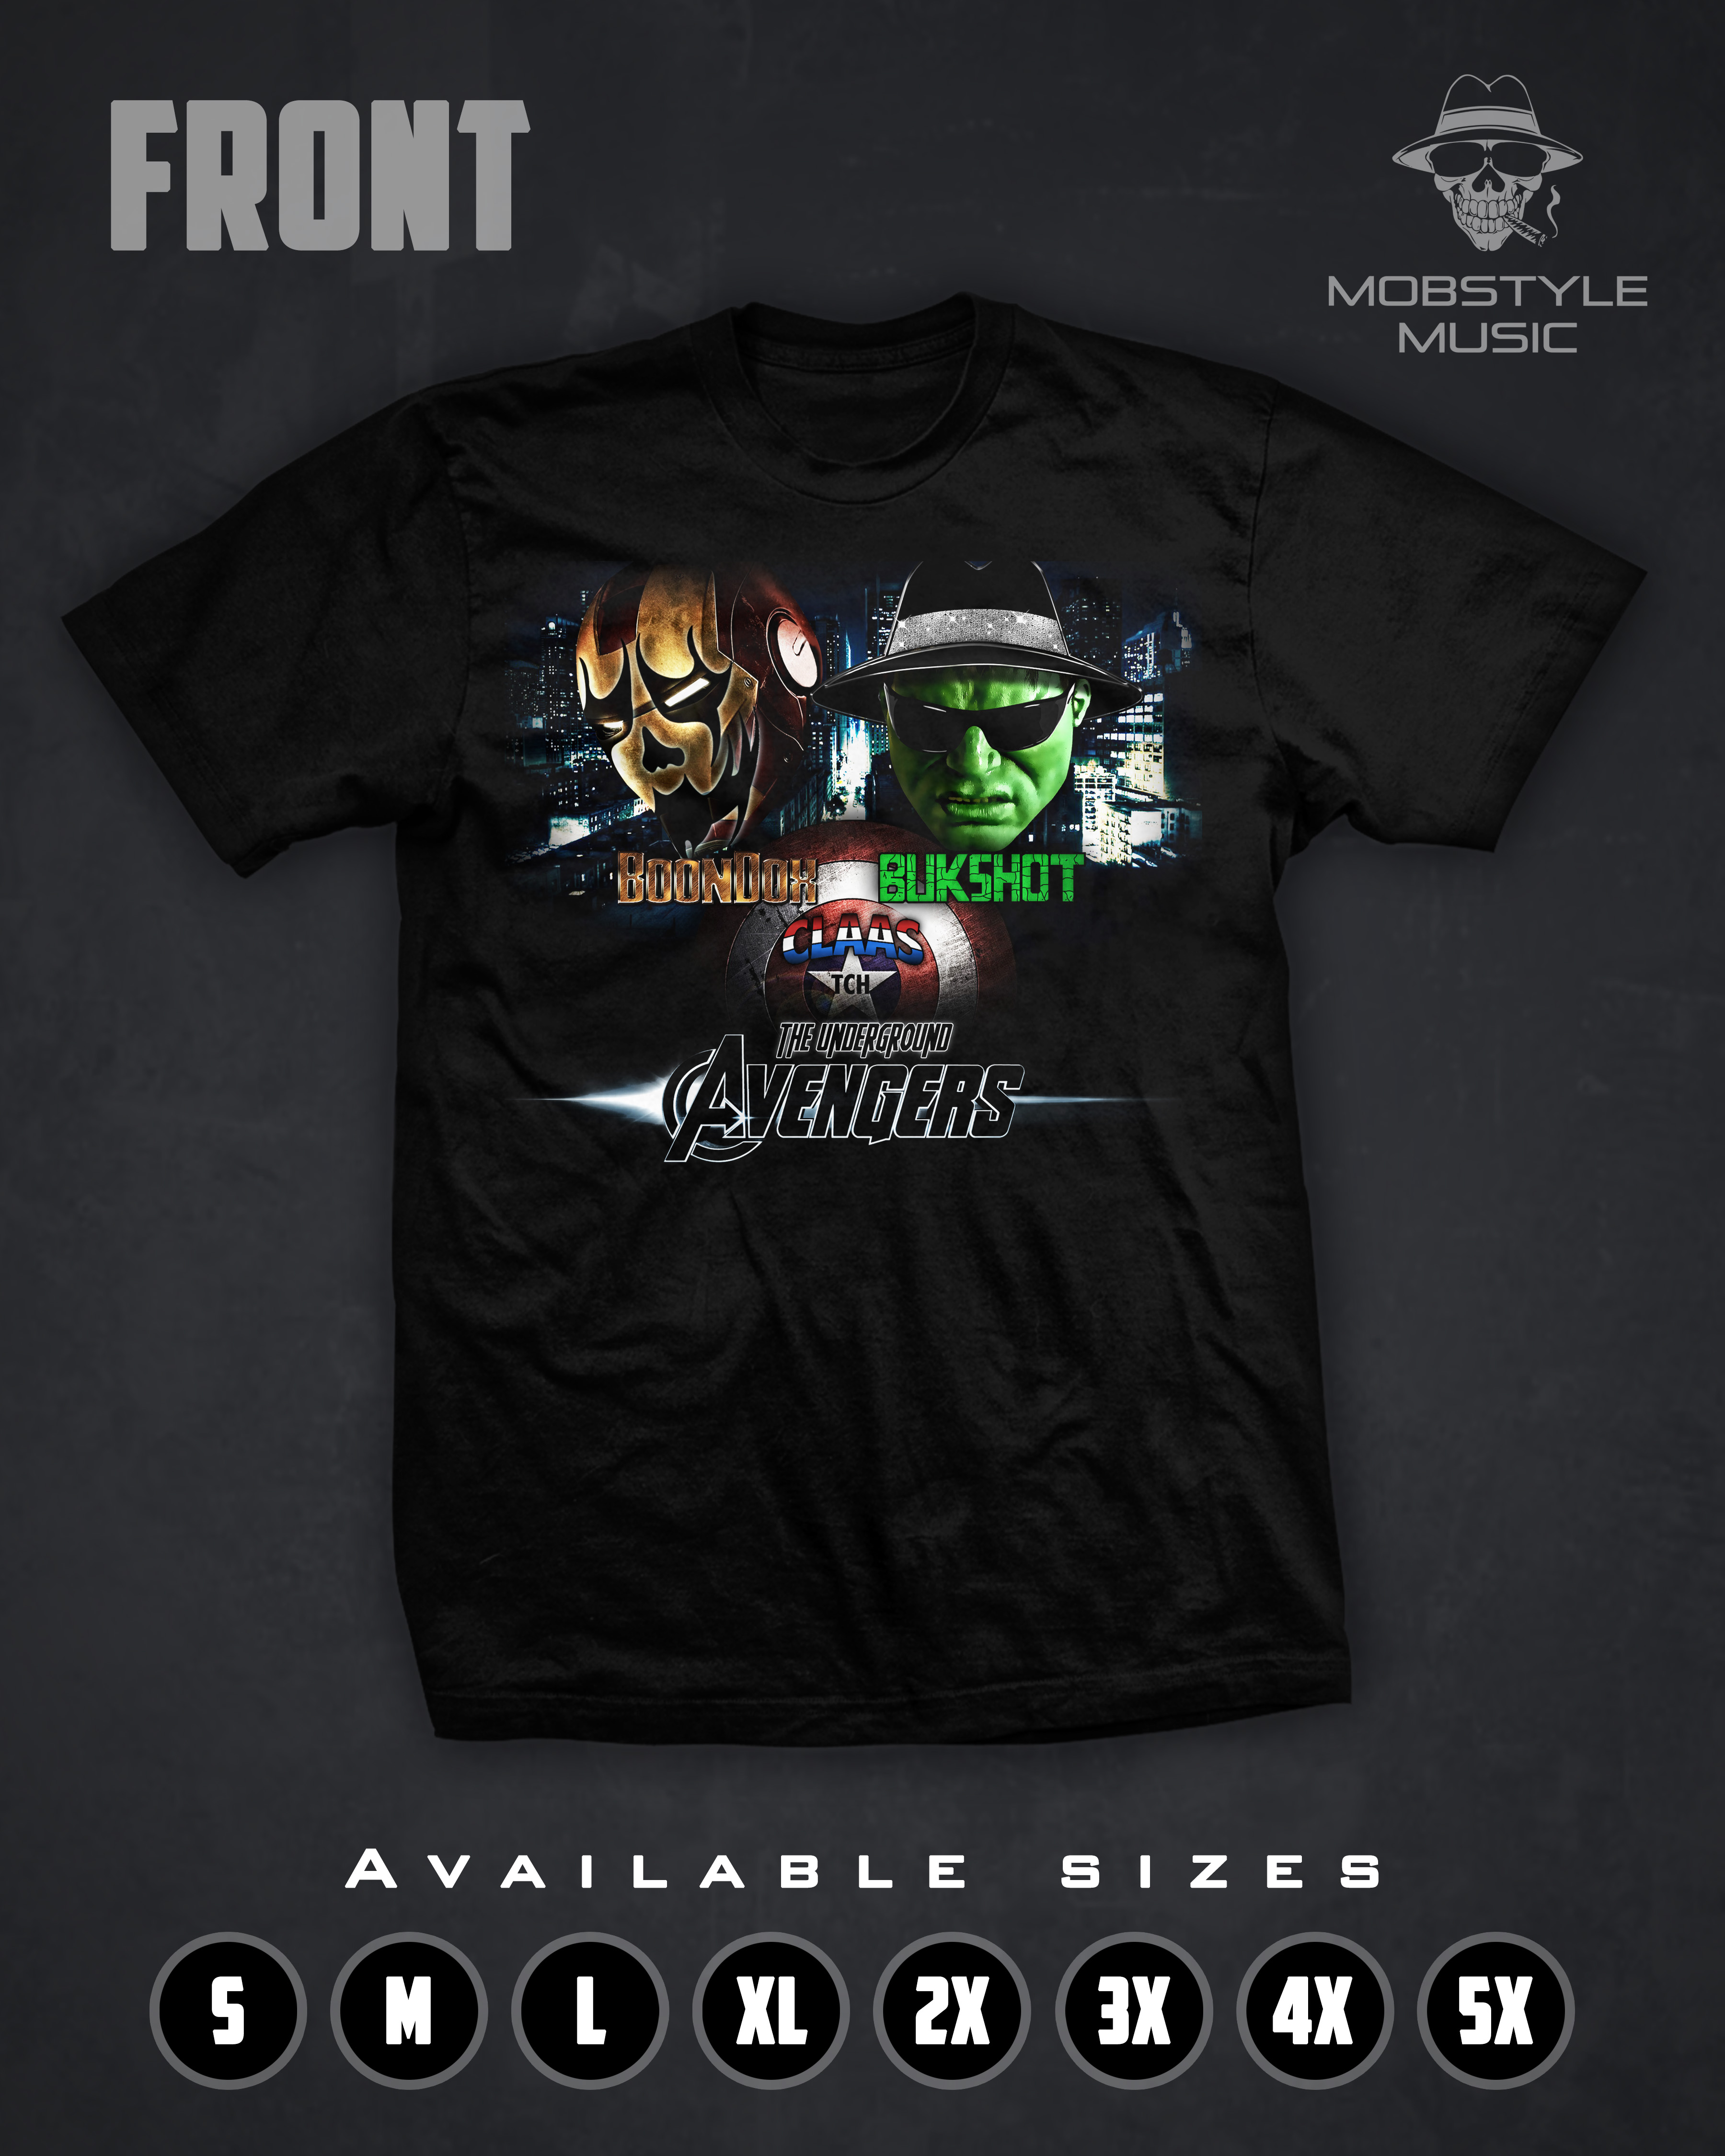 Underground Avengers T-shirt